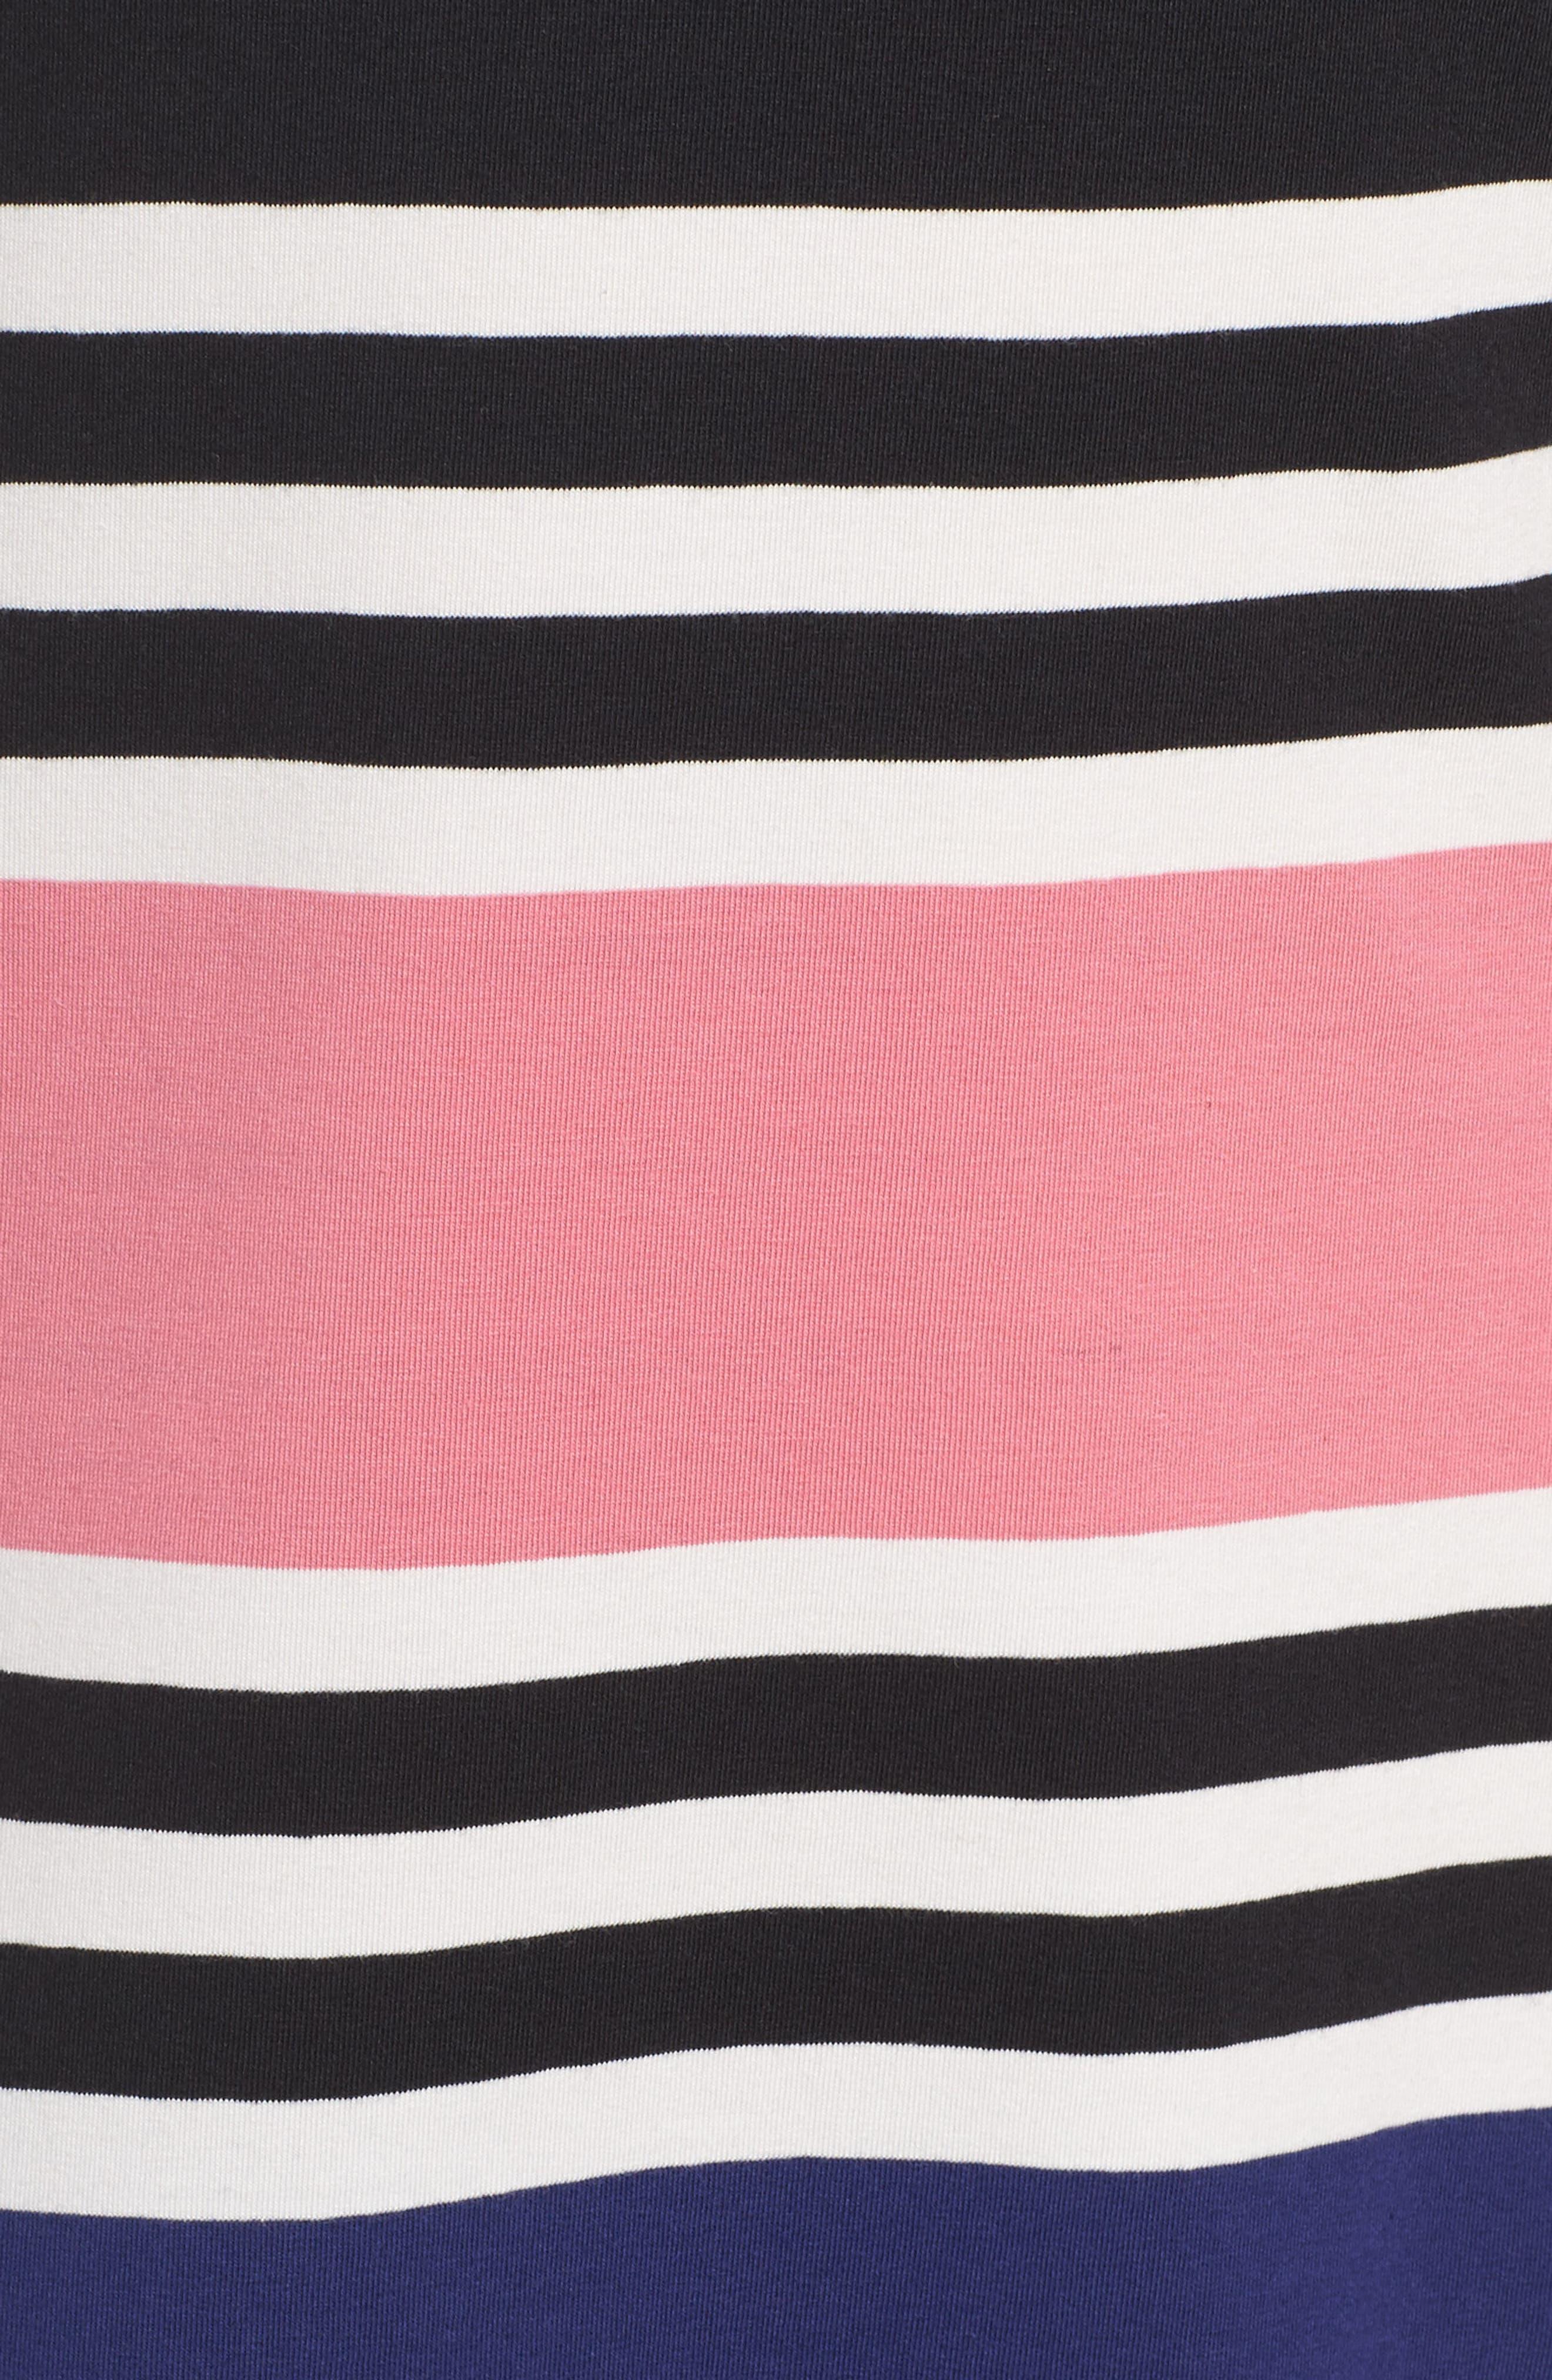 Multi Jag Stripe T-Shirt Dress,                             Alternate thumbnail 5, color,                             471